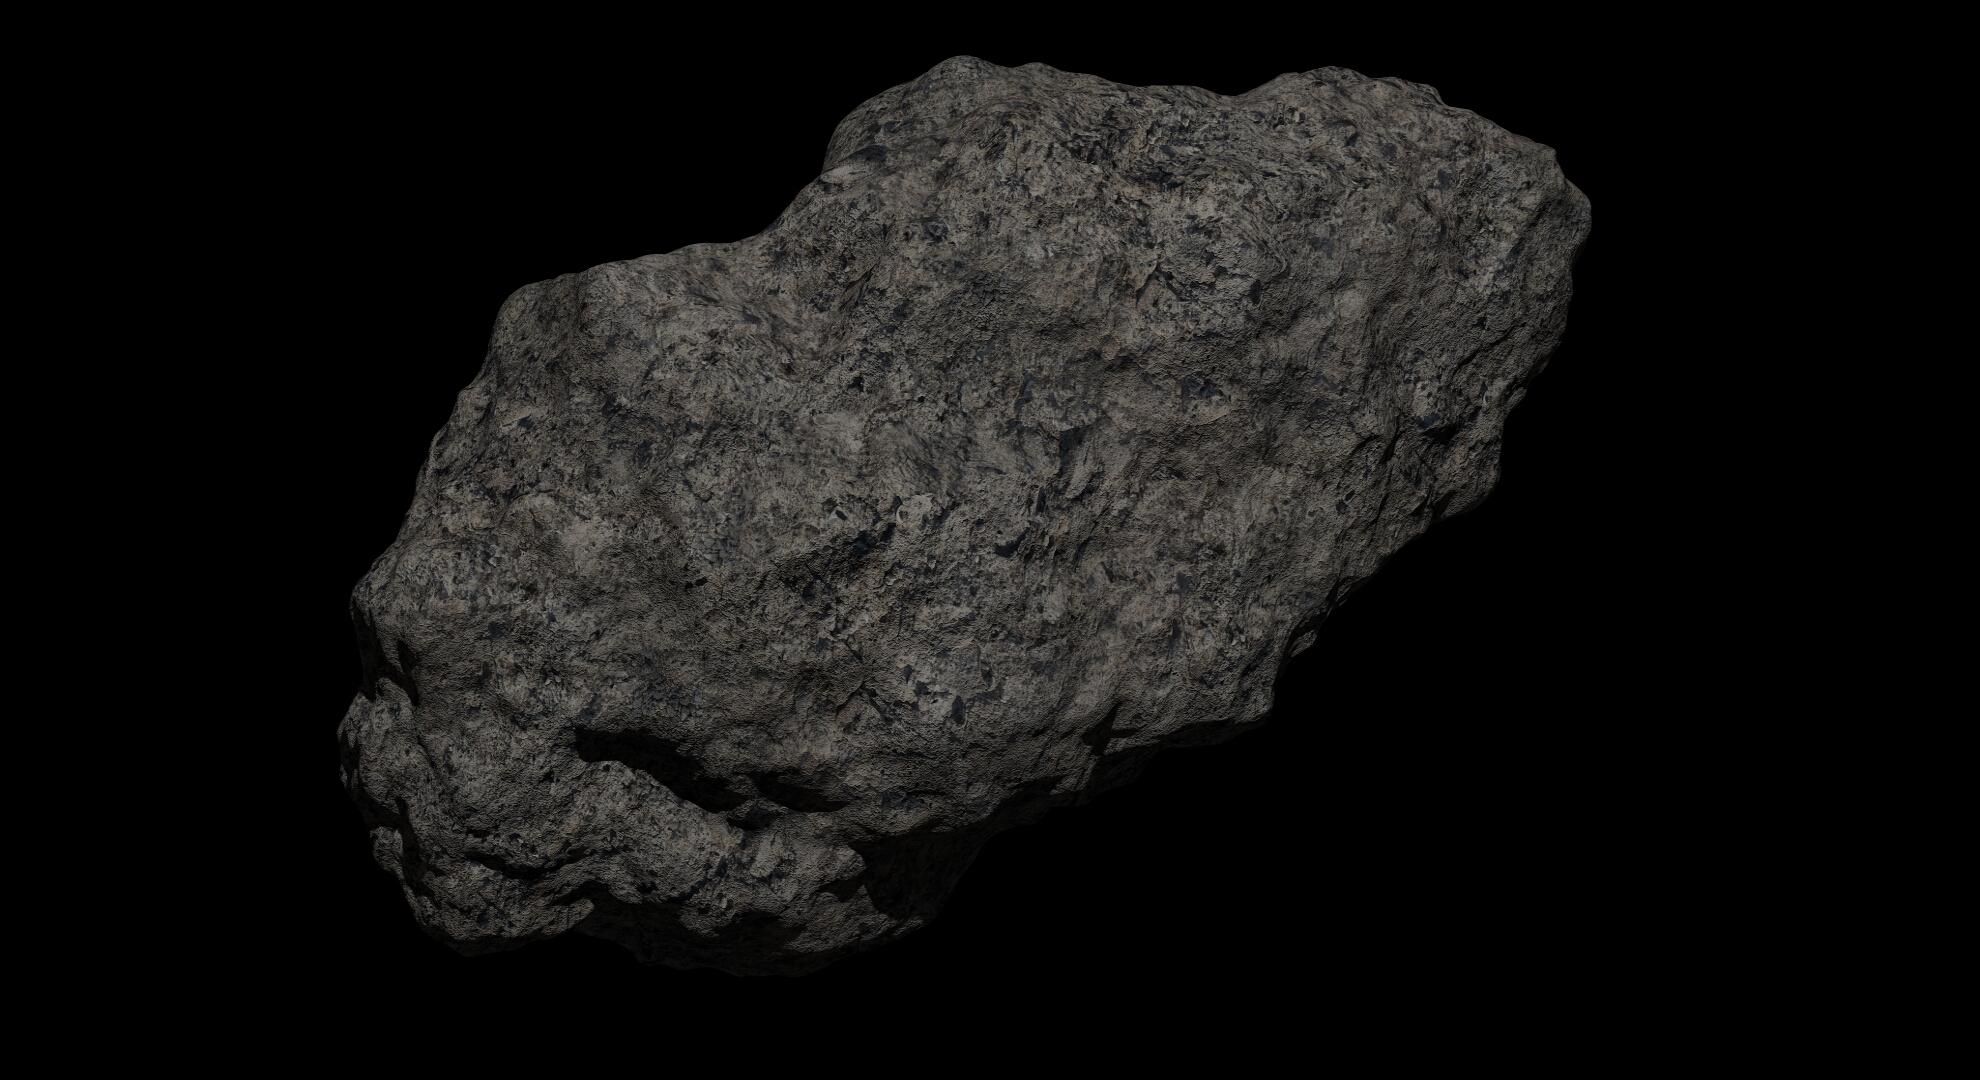 fantaziya asteroid 2 3d modeli 3s qarışığı da fbx obj 267191